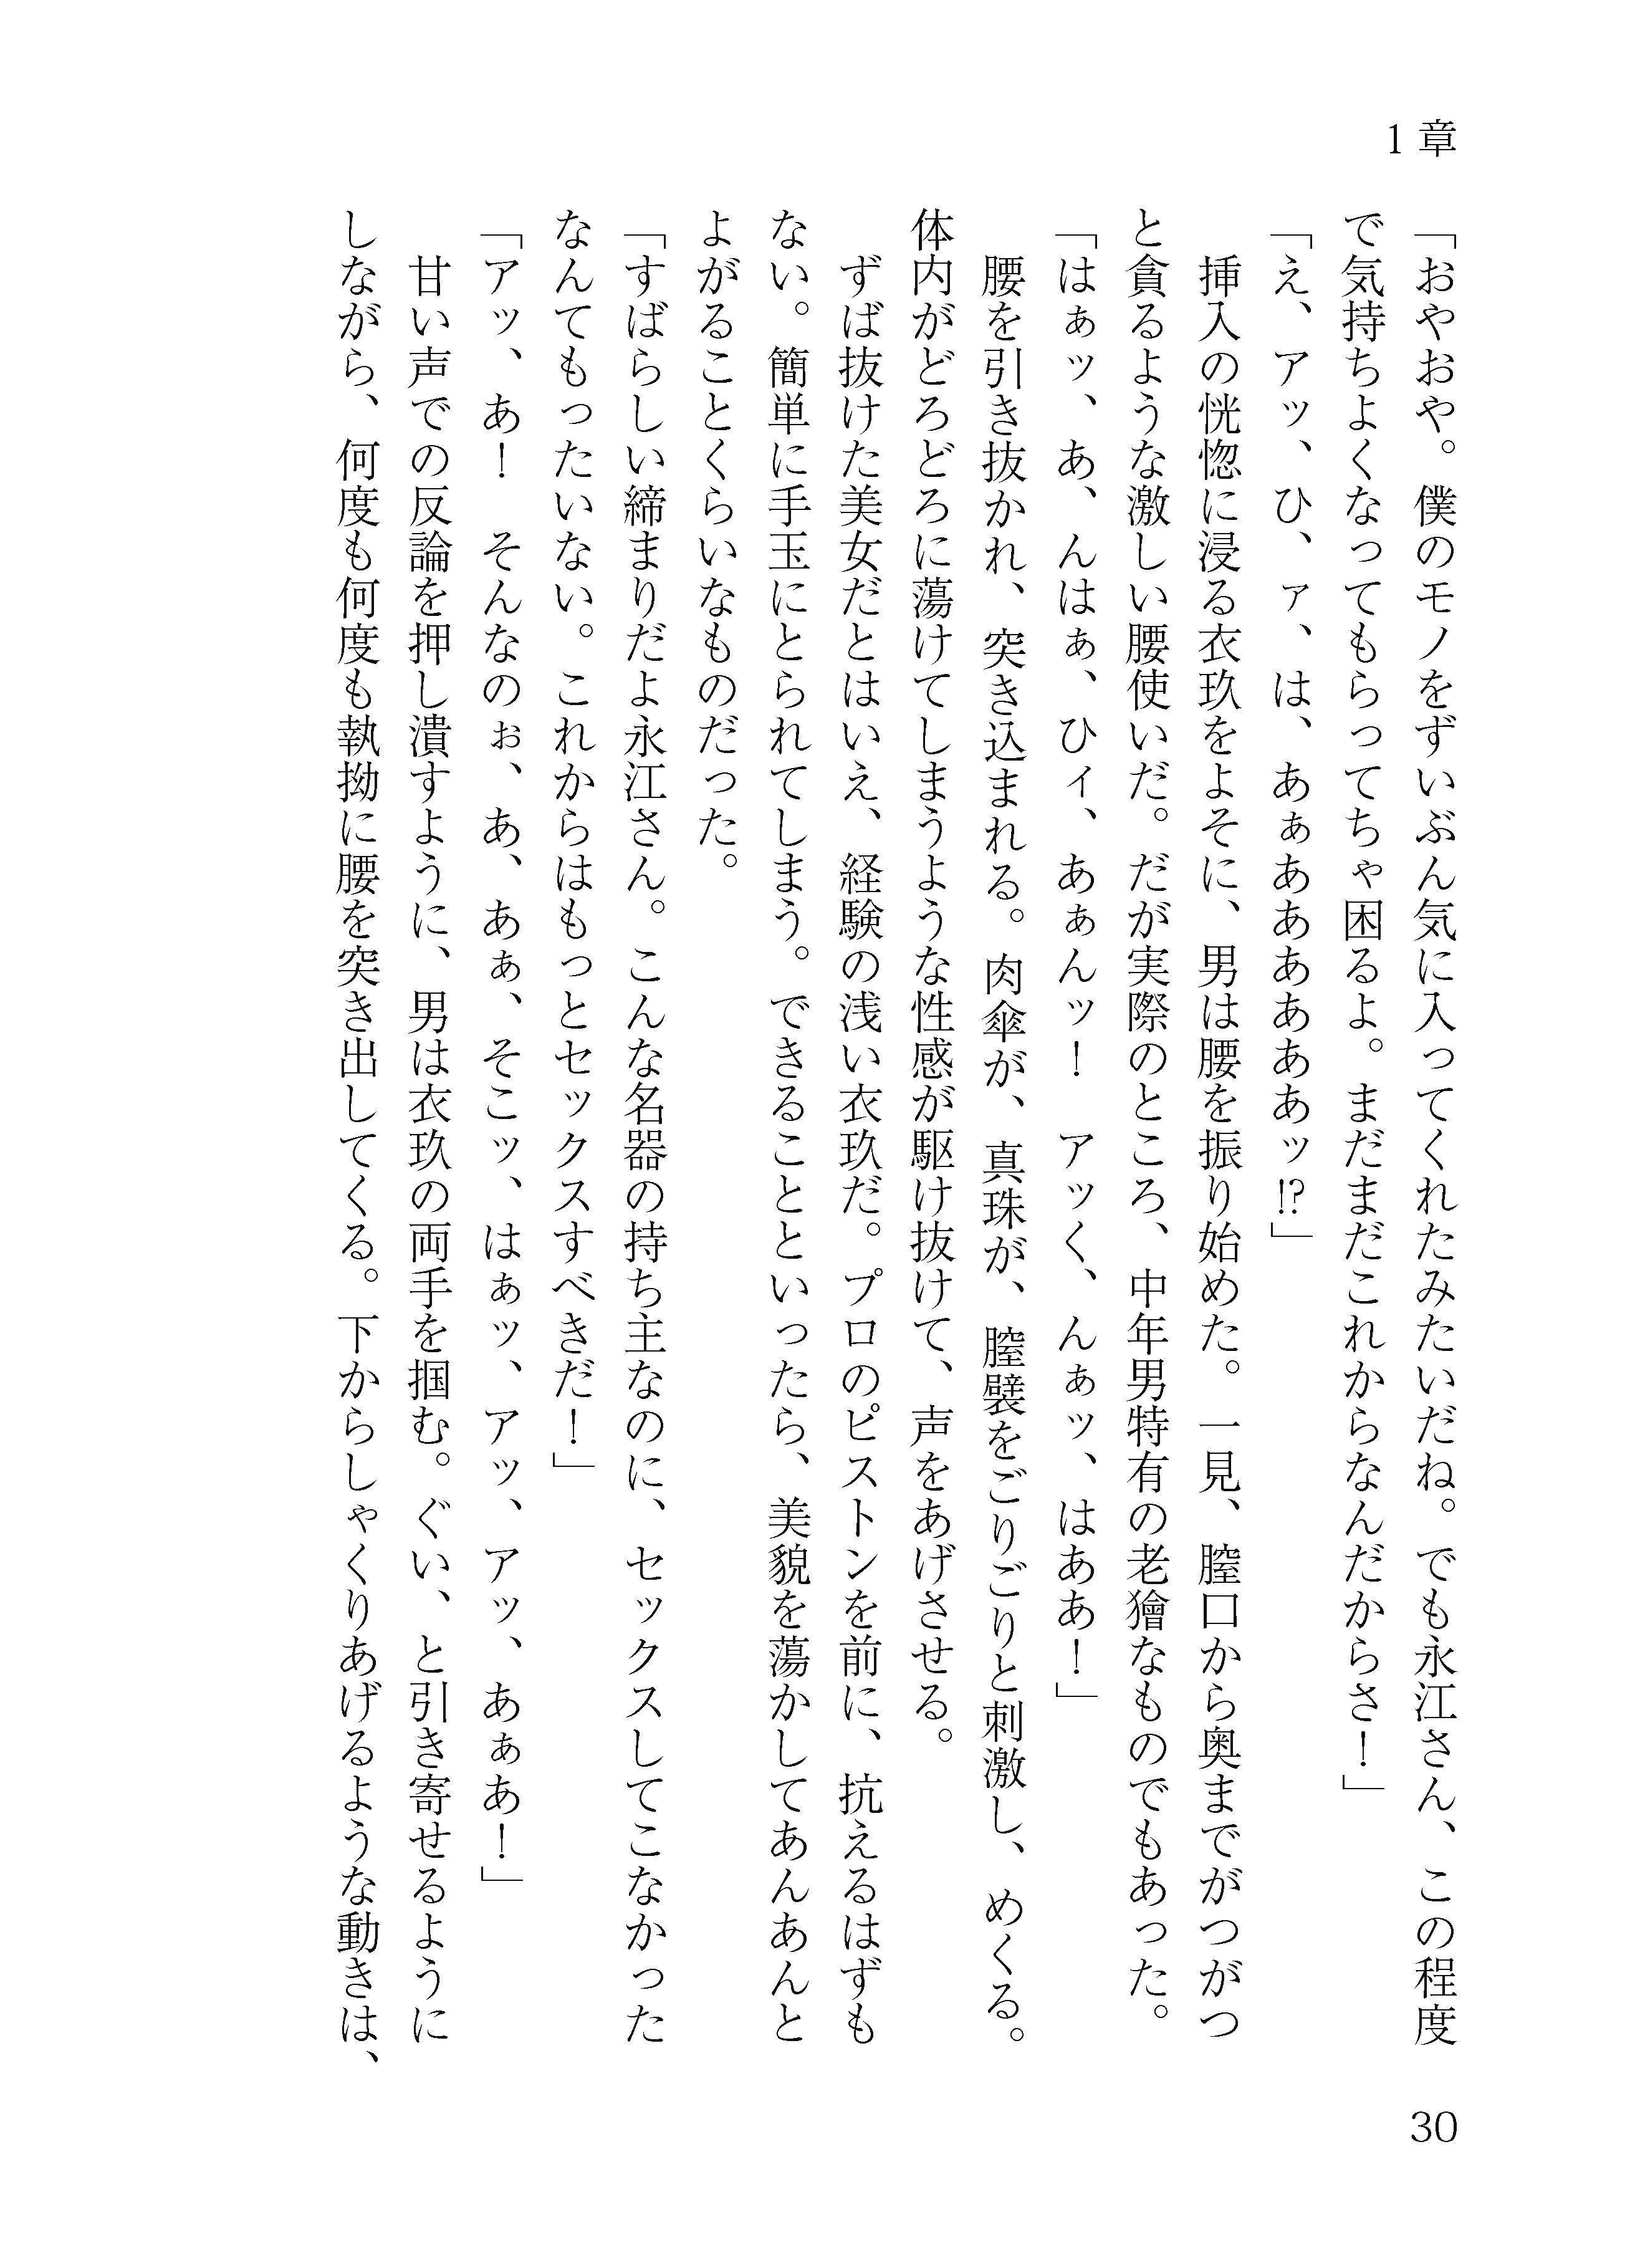 【わめしば 同人】龍宮の使い淫行譚